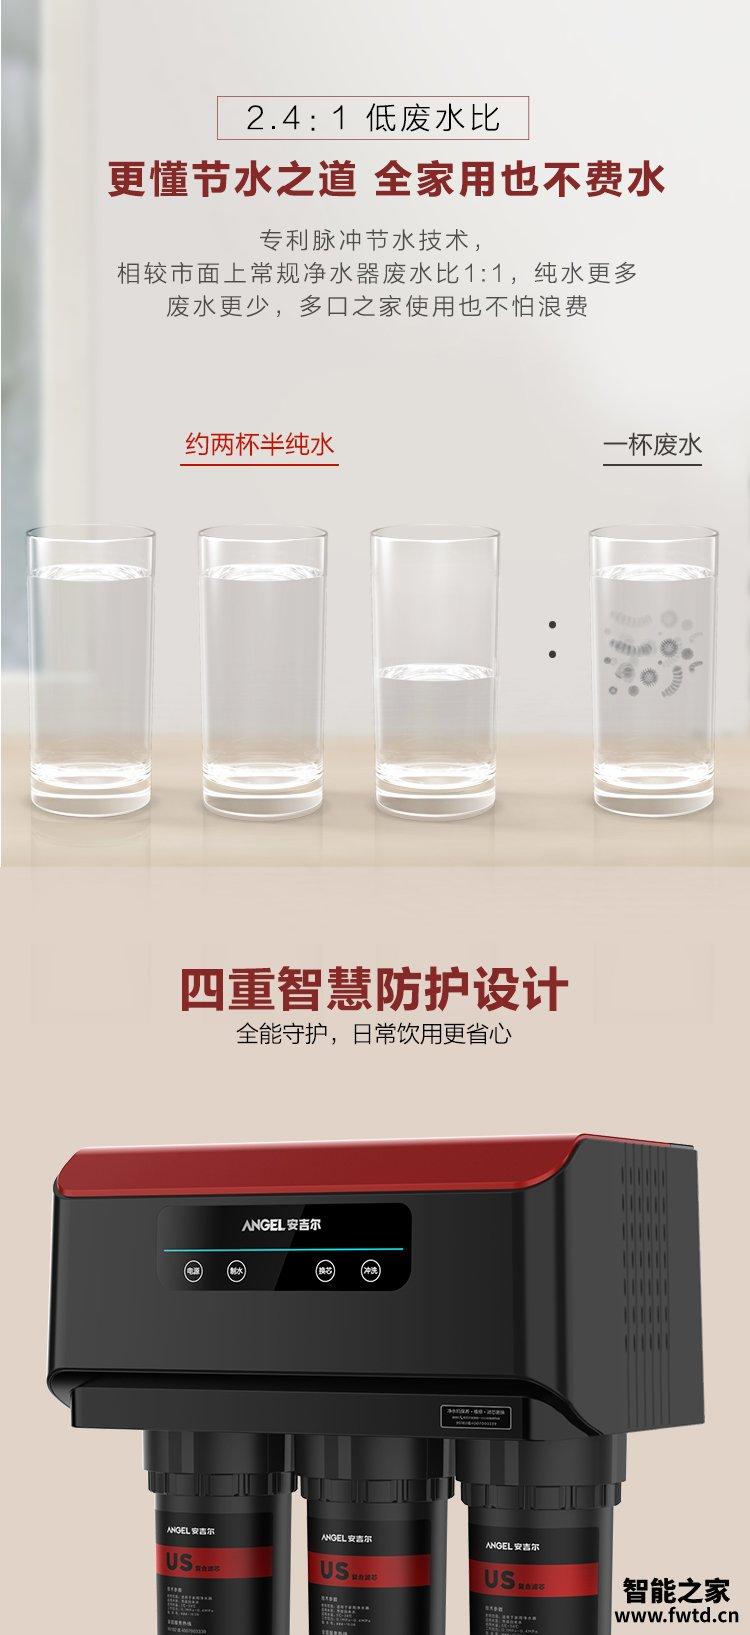 安吉尔纯净水怎么样_剖析使用安吉尔V7净水器评测好不好??使用评价怎么样_智能之家